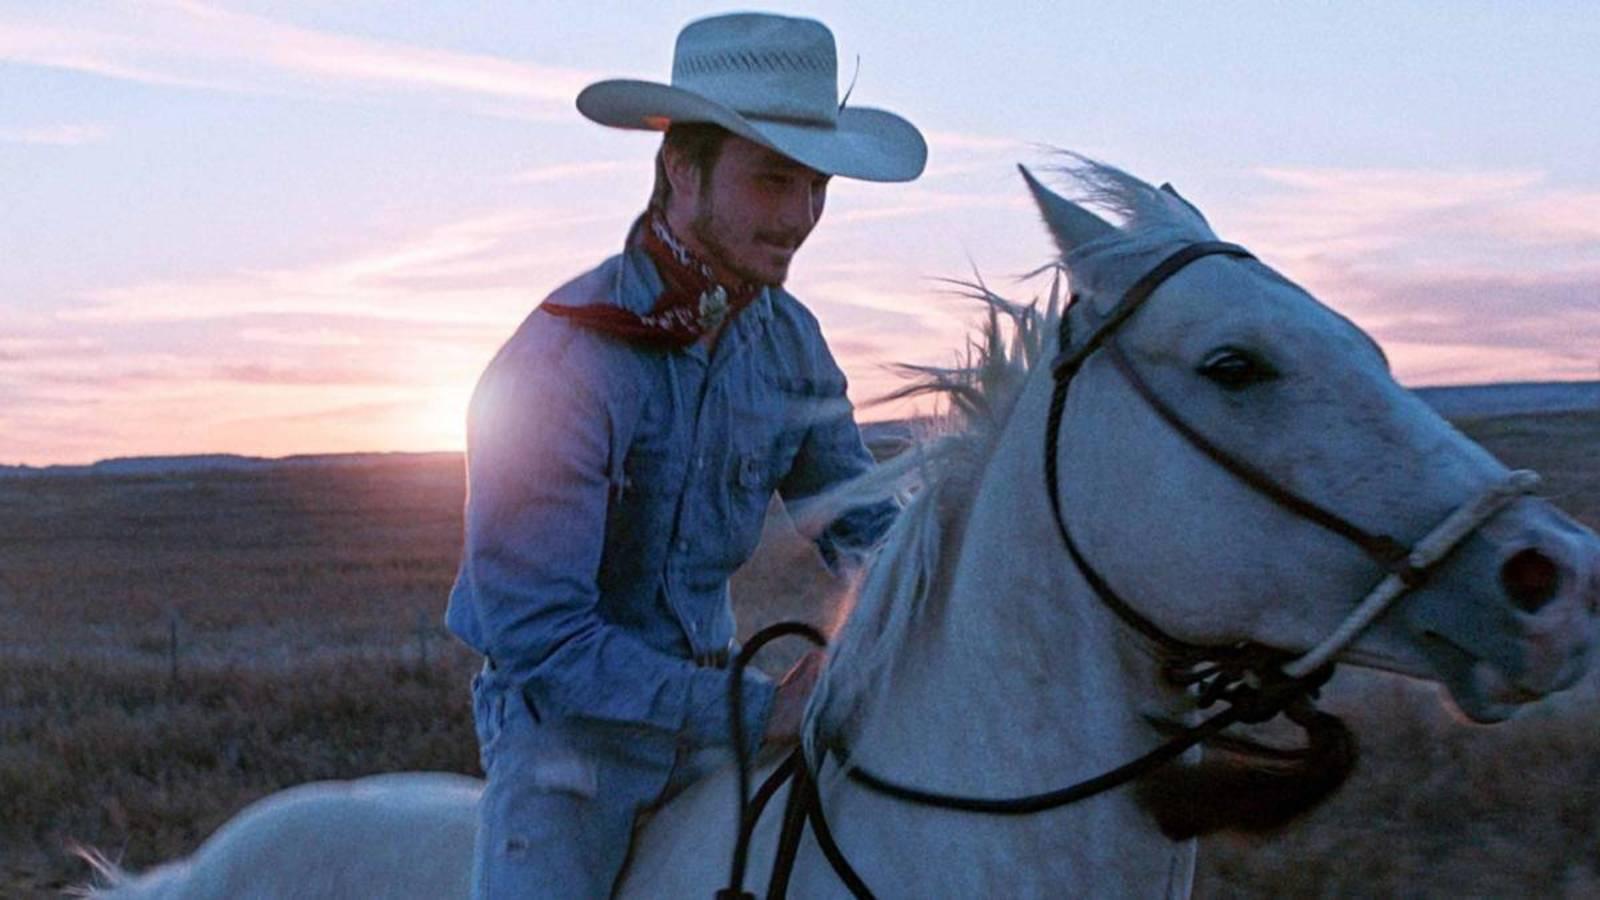 'The rider'